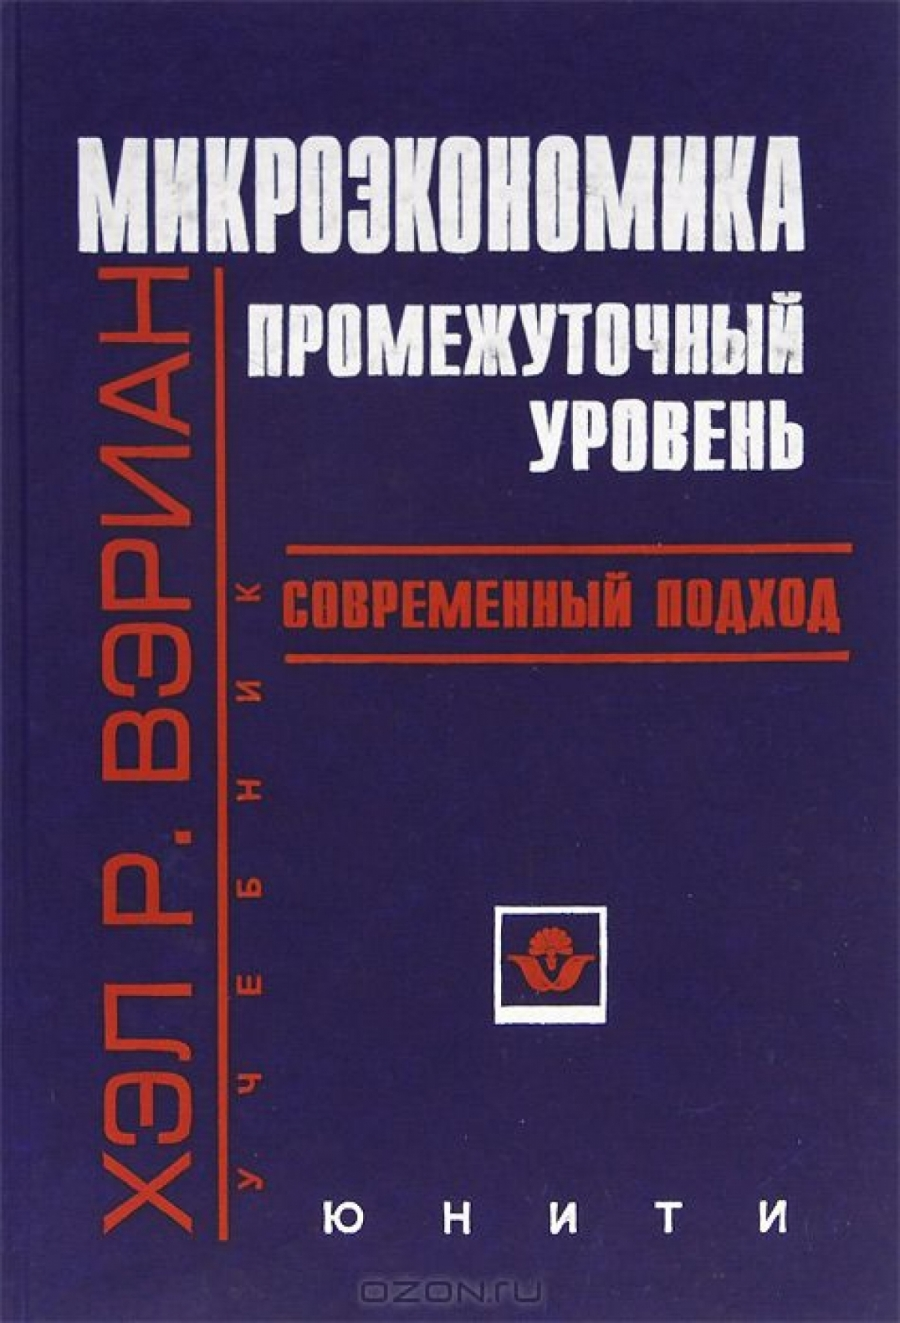 Обложка книги:  вэриан х.р. - микроэкономика. промежуточный уровень. современный подход